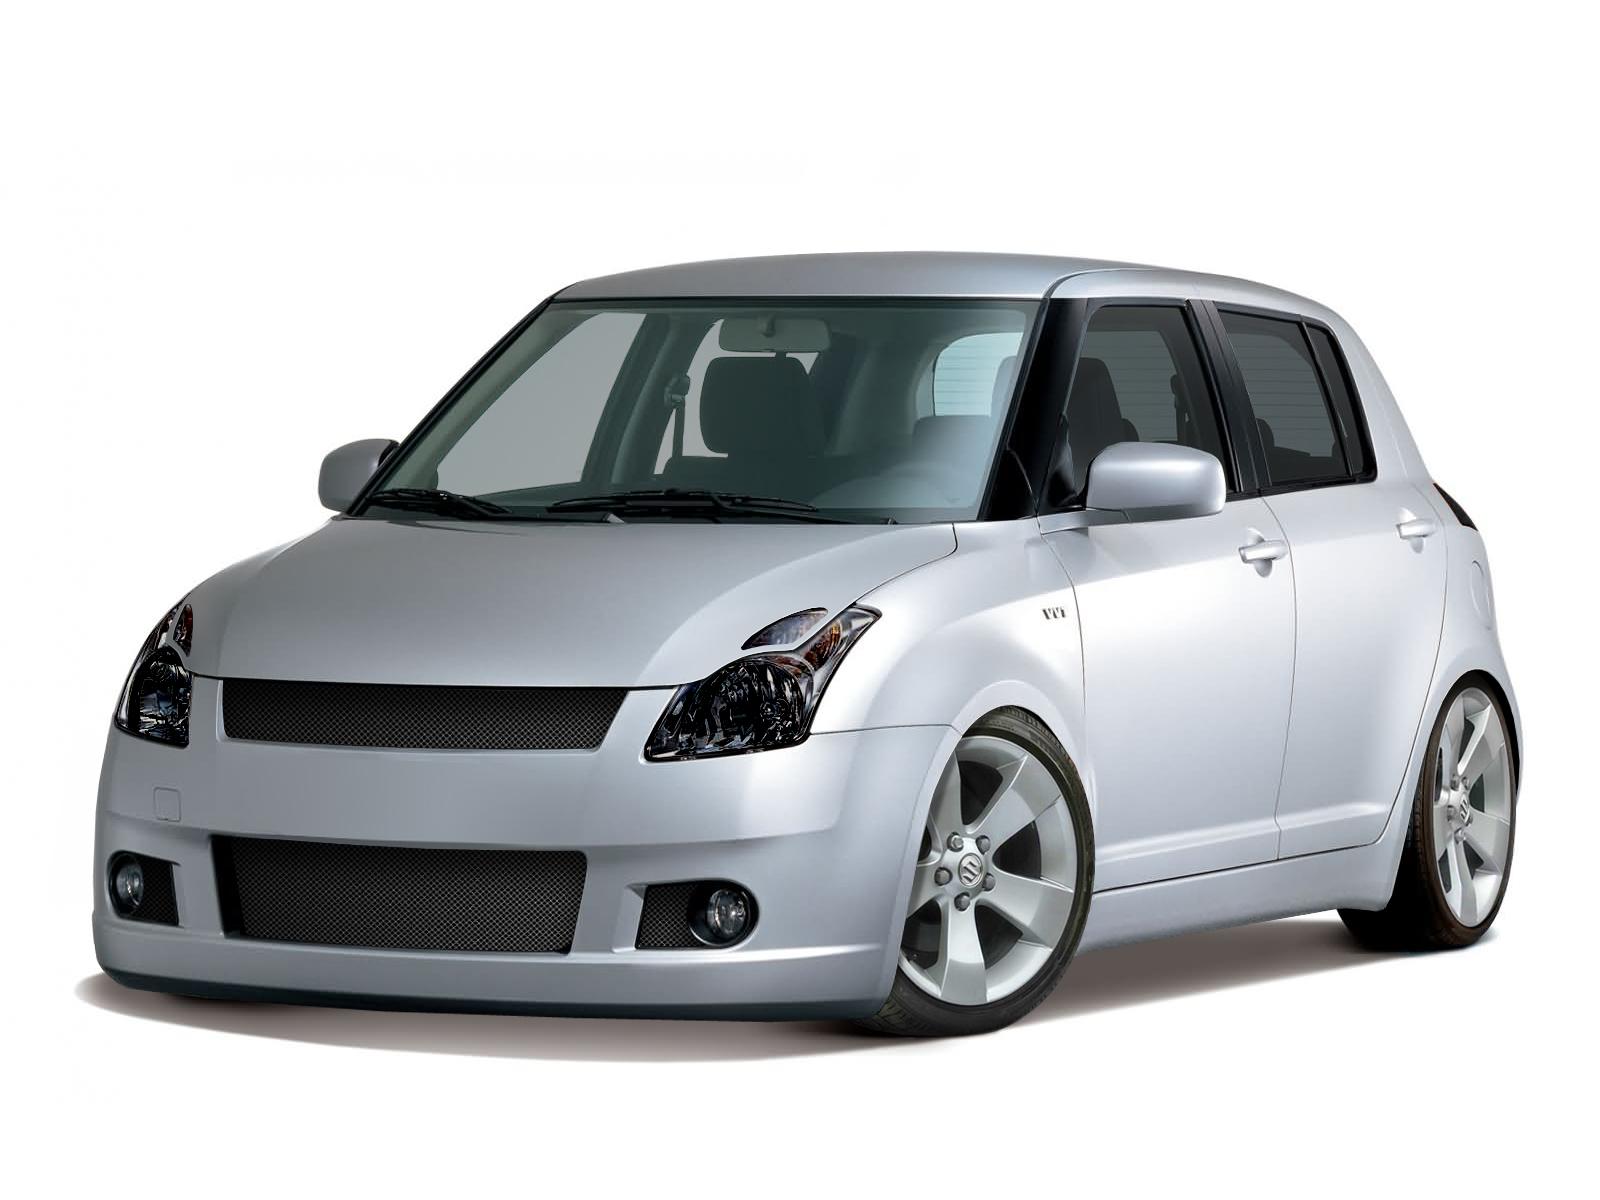 Suzuki, Maruti, Swift, Suzuki Swift, Facelift, mopf, modellpflege, der